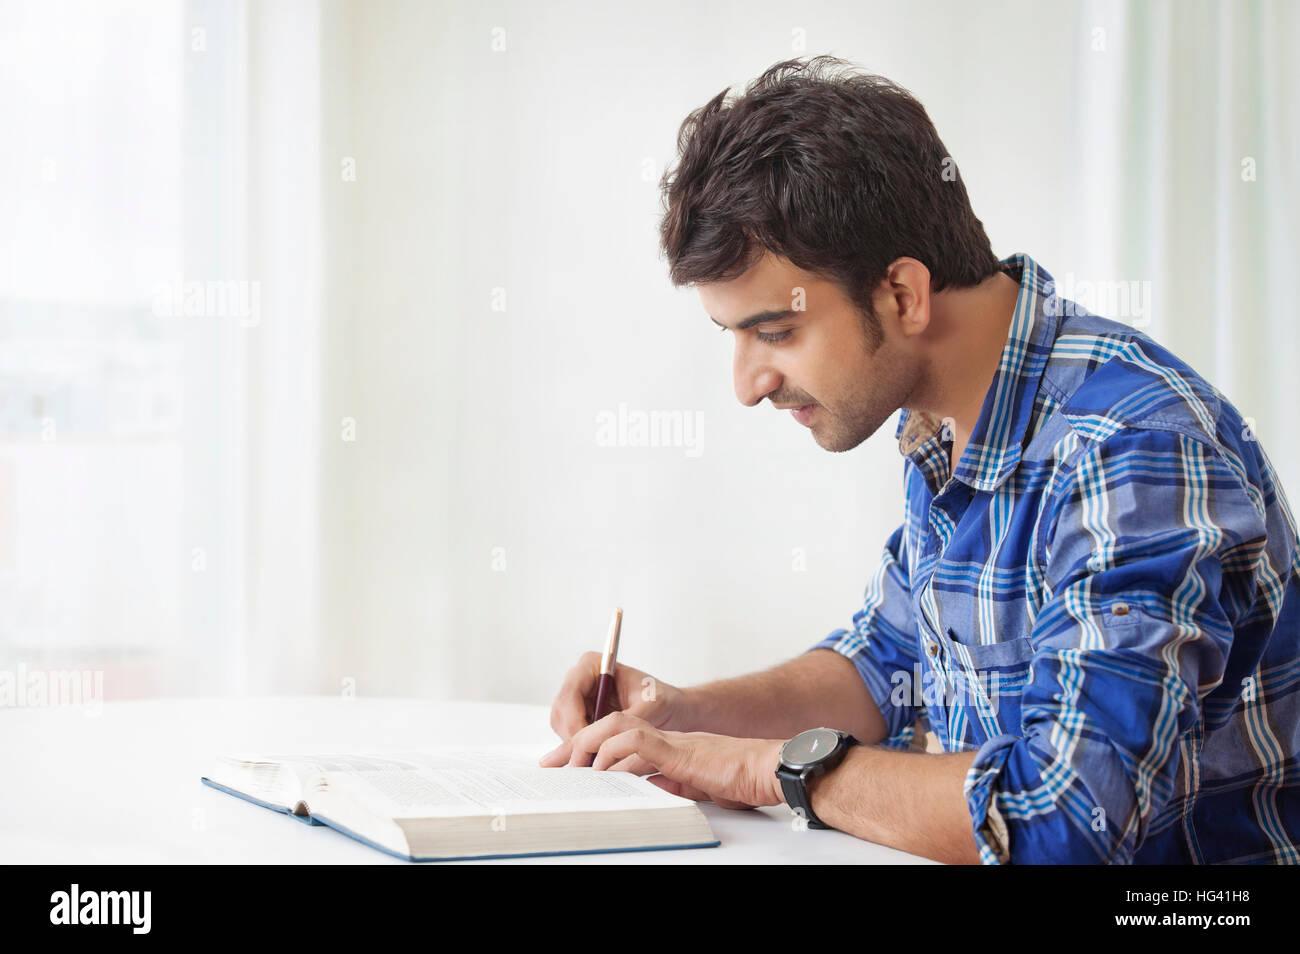 Joven estudiando y haciendo notas Imagen De Stock